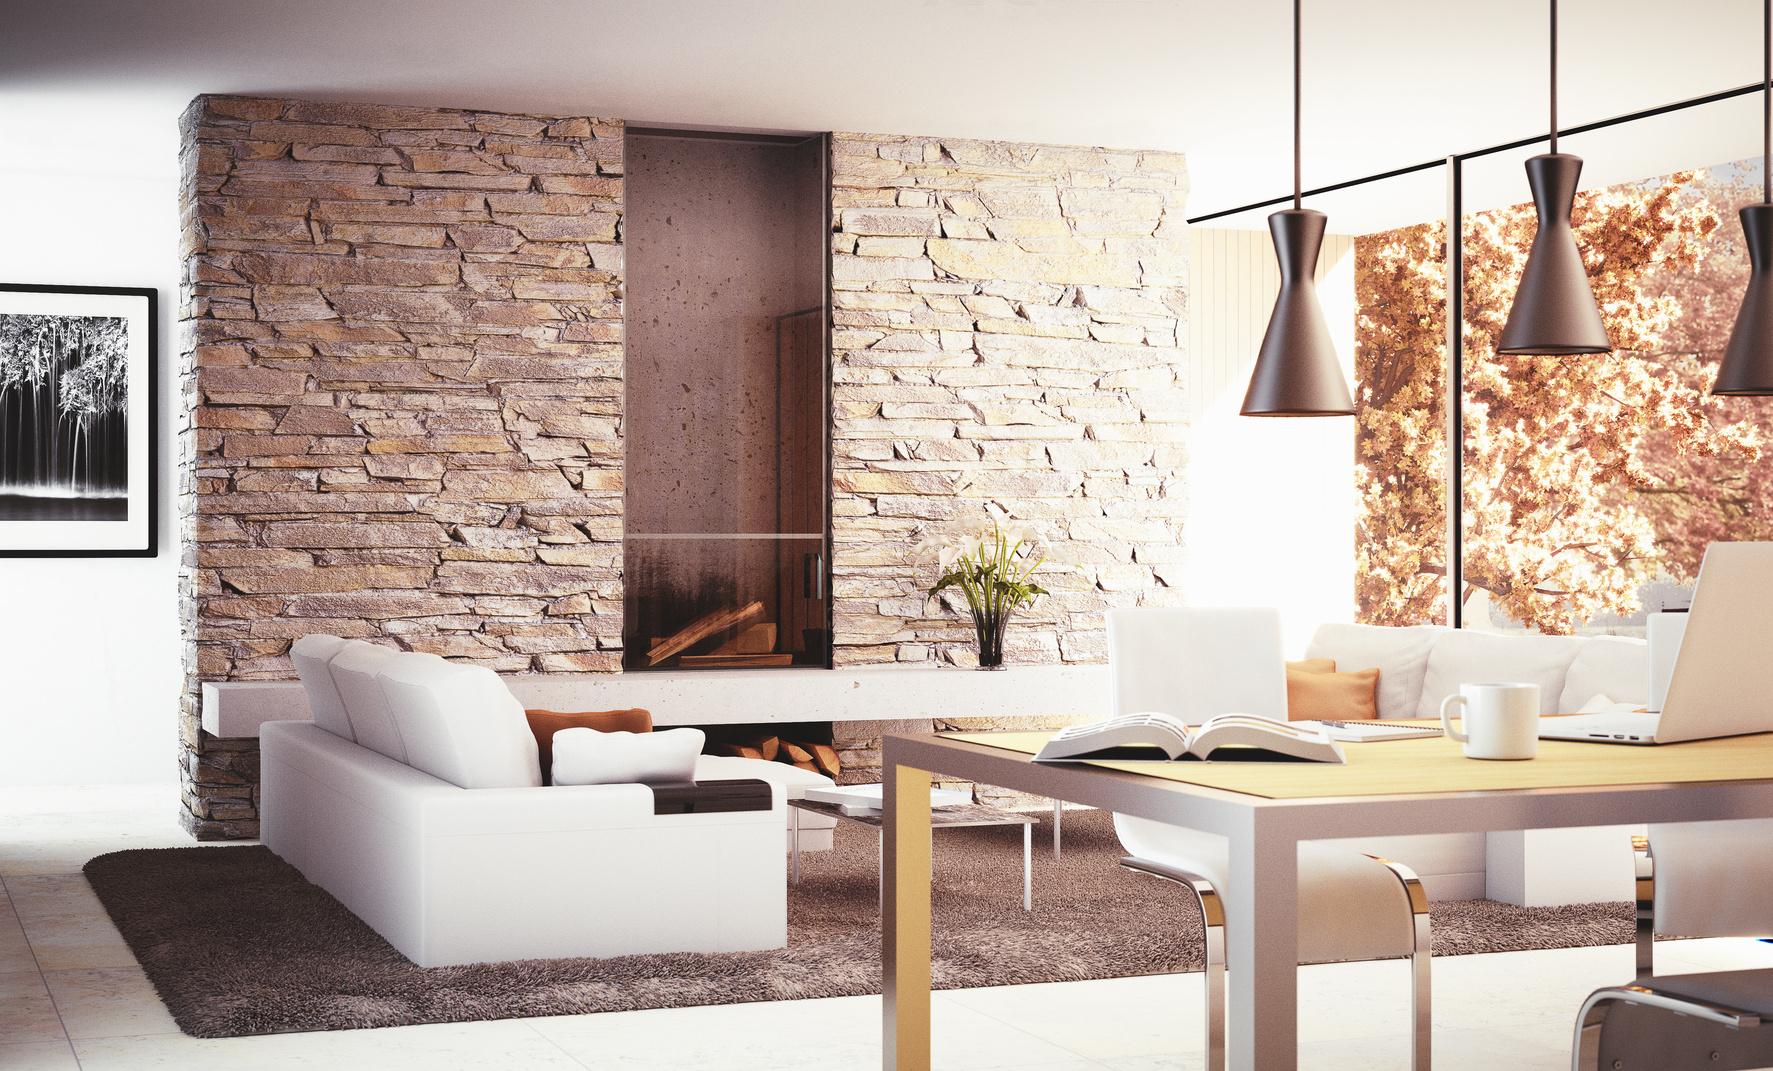 Warmes Wohnzimmer | Wintersohle Fliesendesign – Fliesenleger aus Brühl